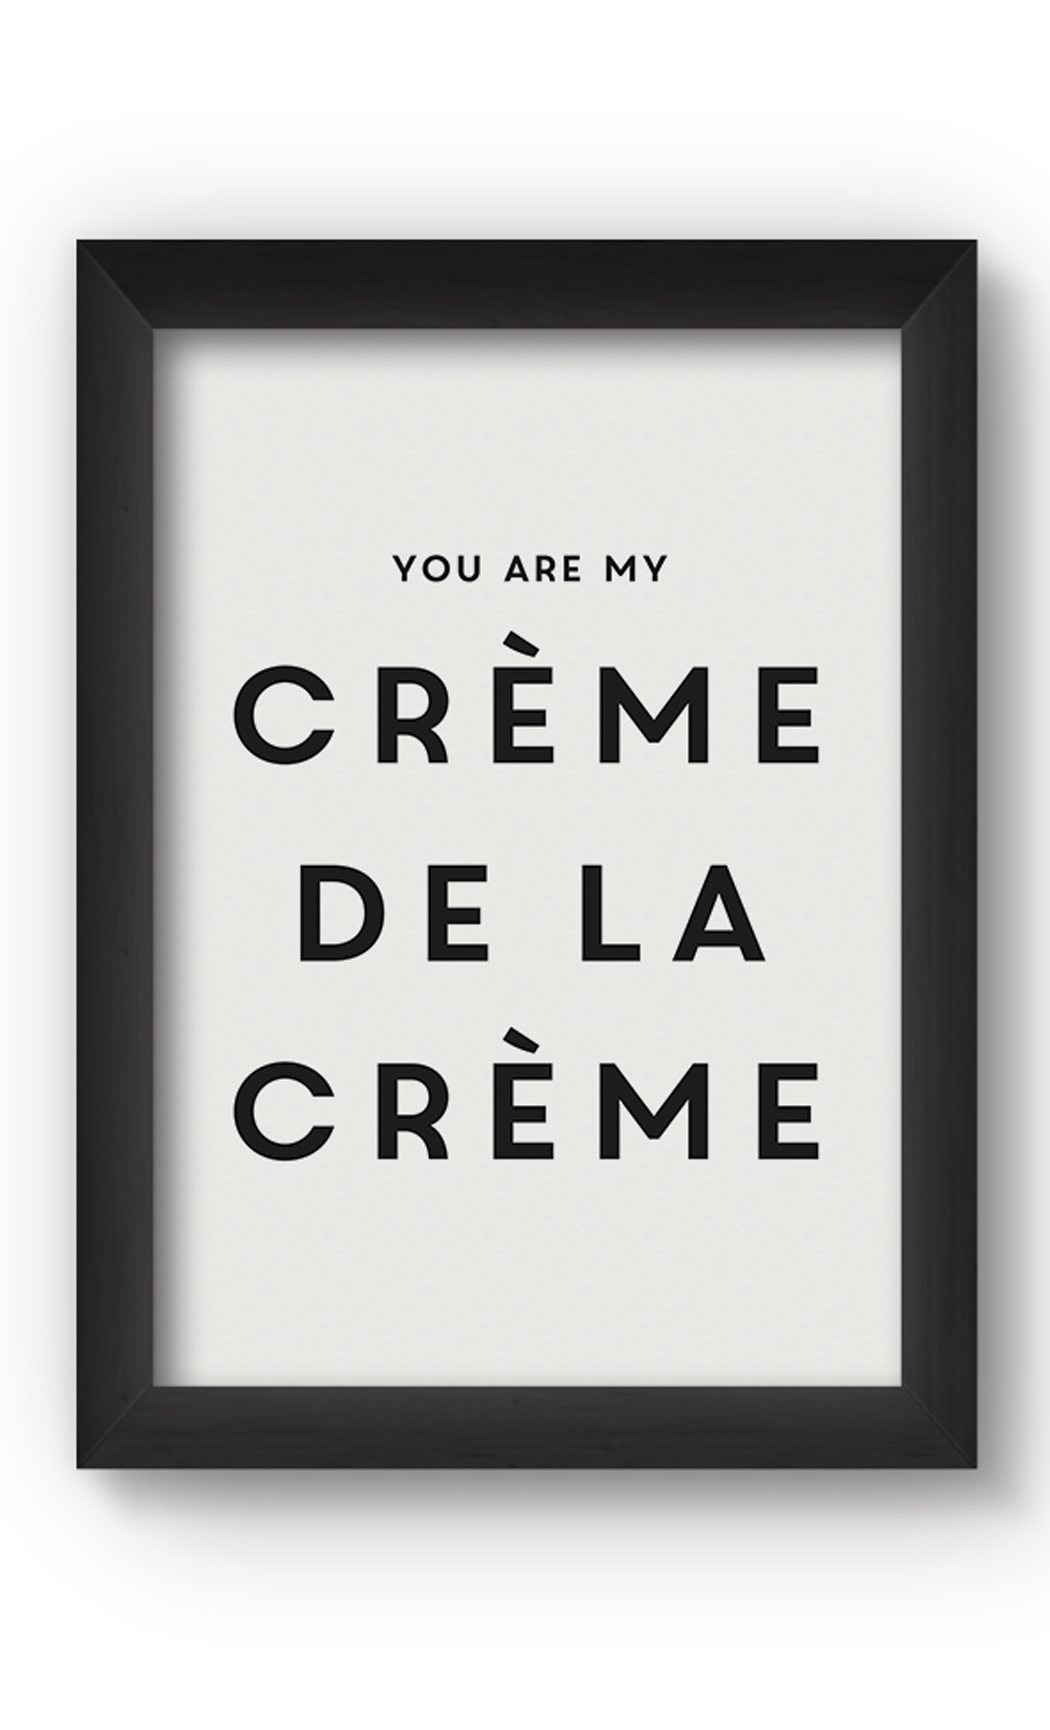 Black & White CRéME Poster. Buy Online.